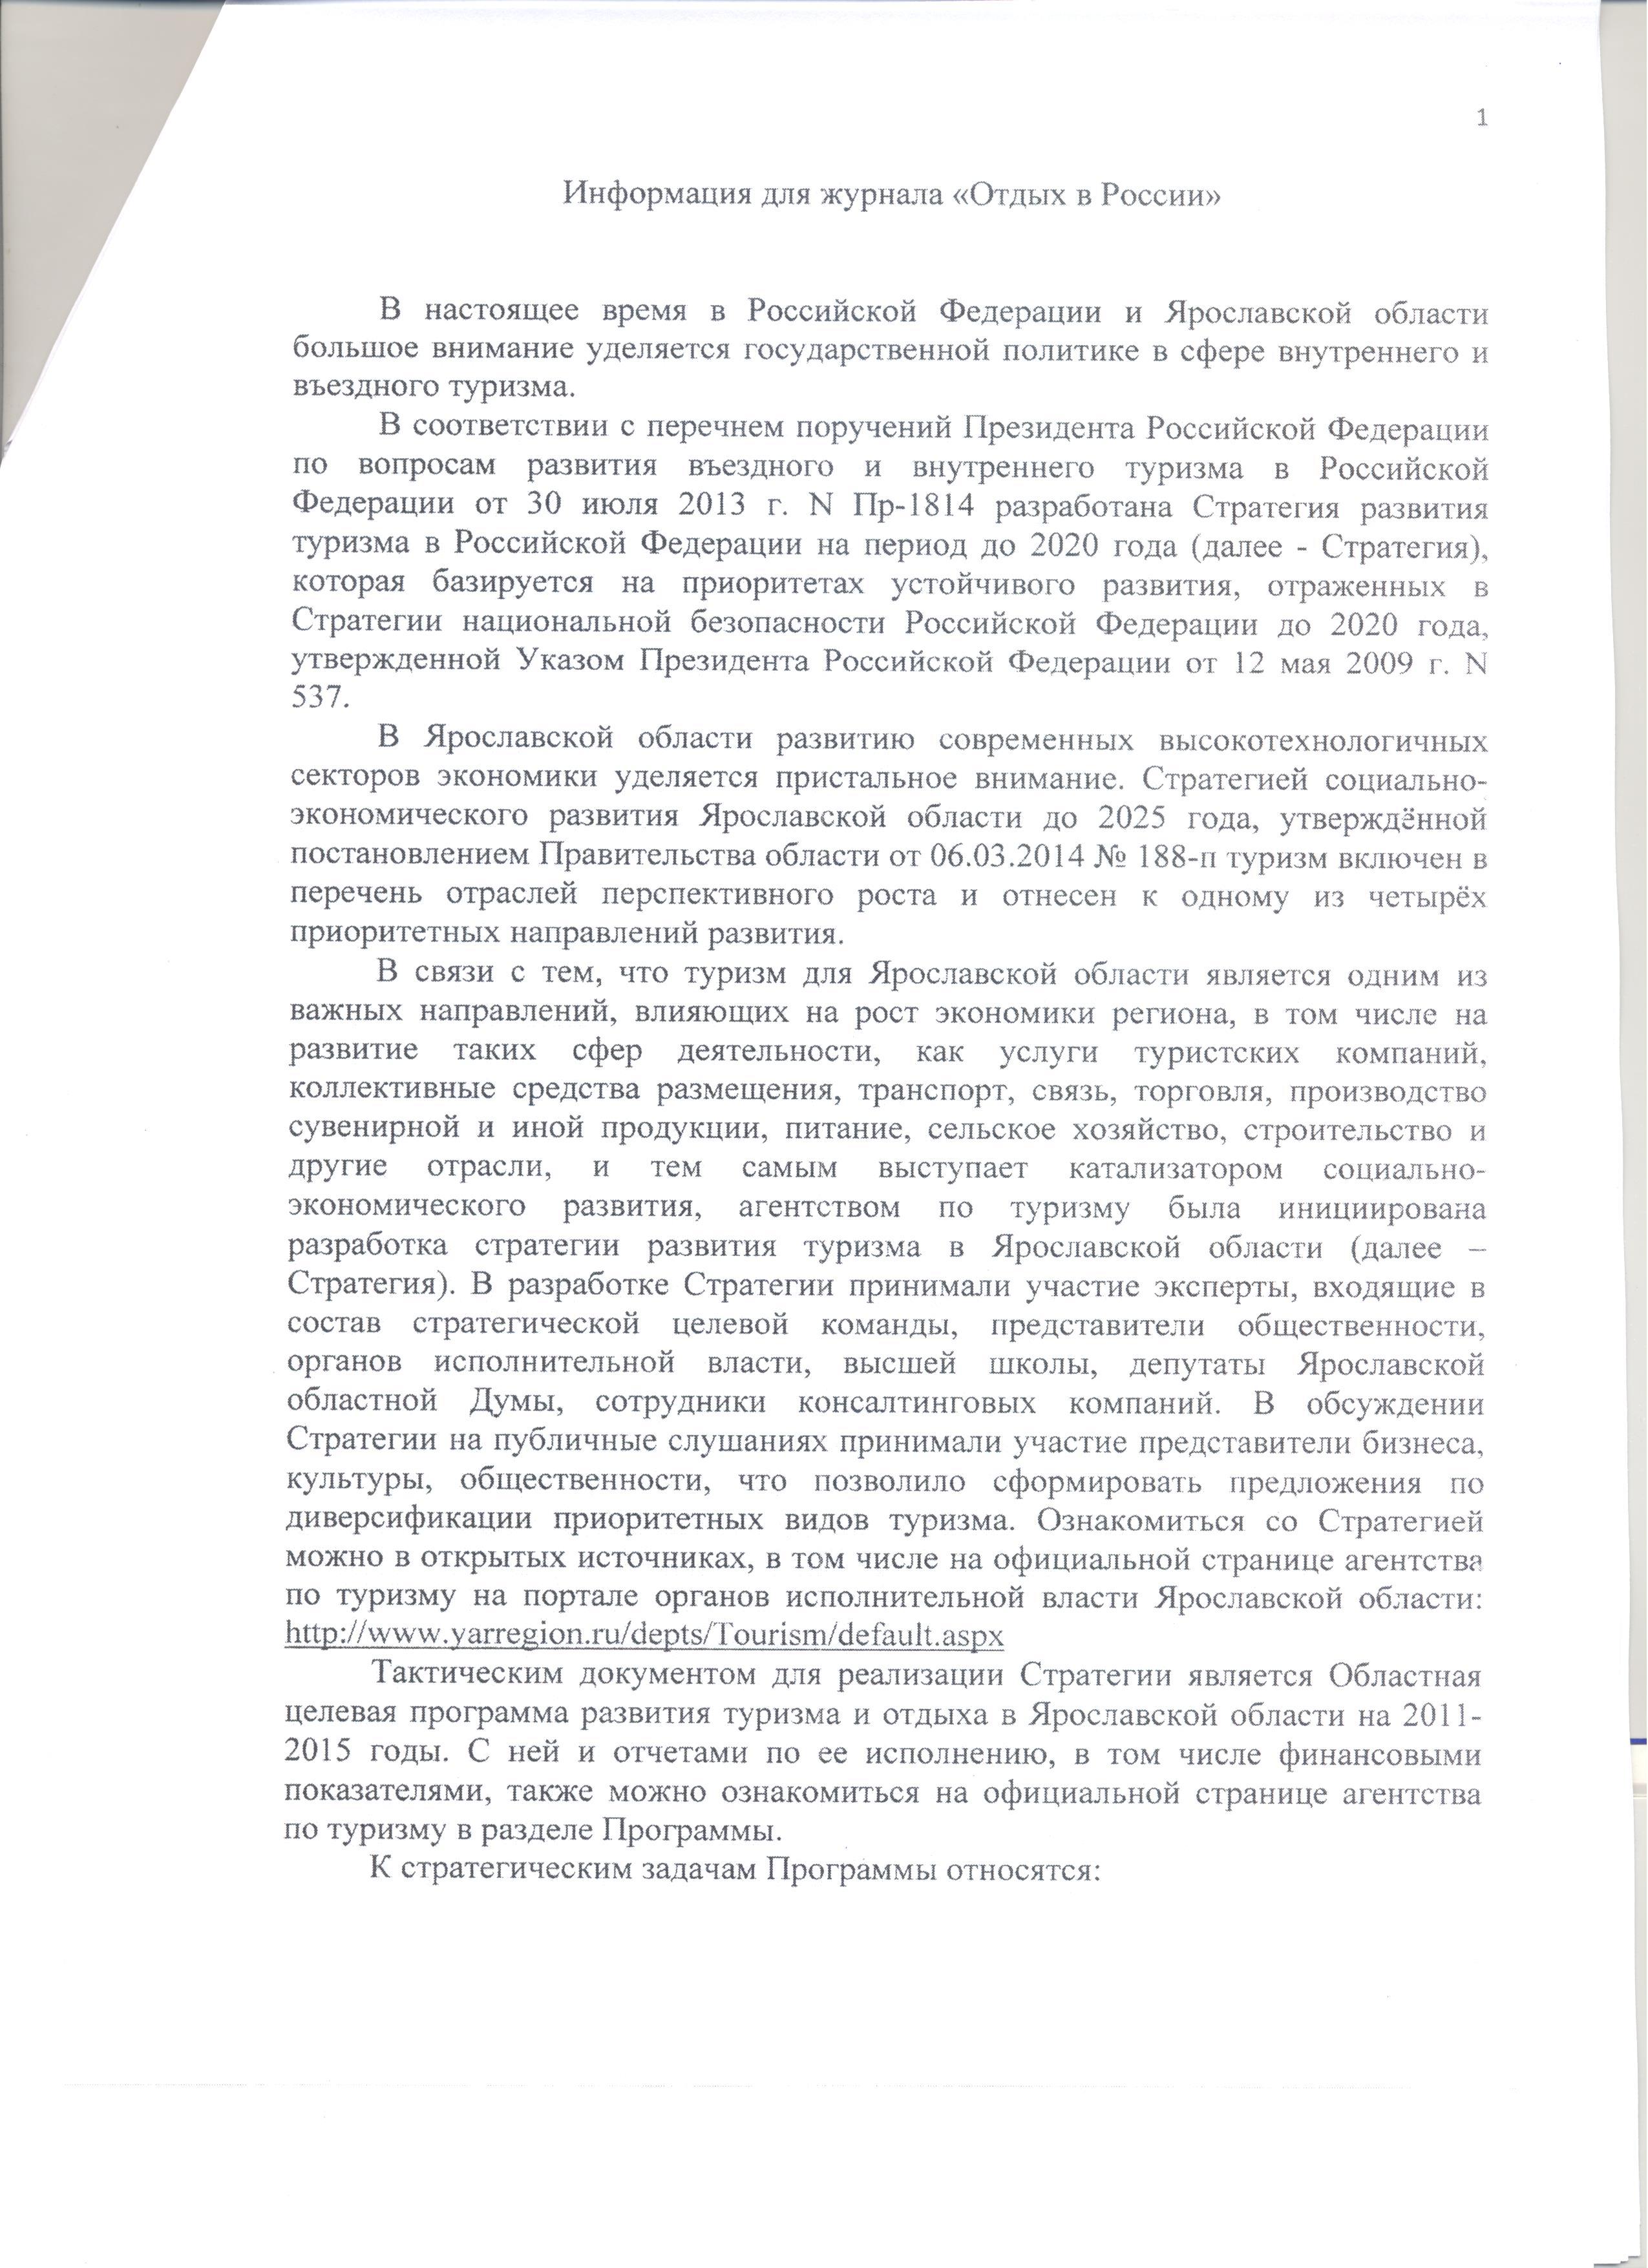 Ответ Ярославской Обл.2